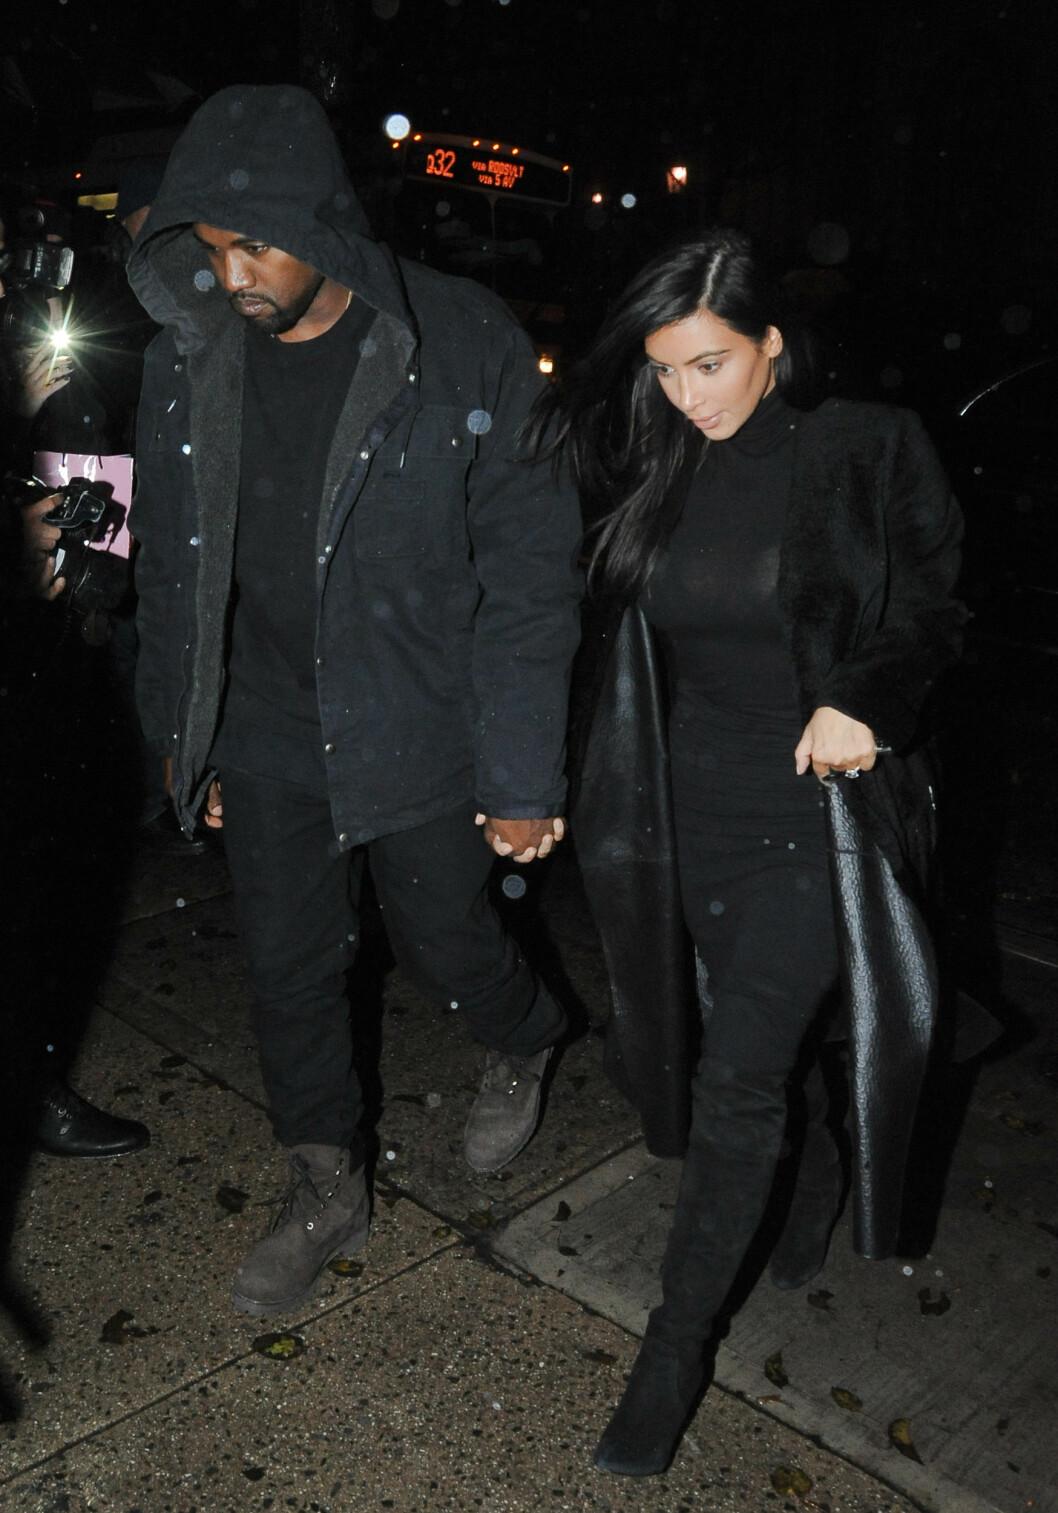 GJENFORENT: Lørdag dro Kim Kardasian og Kanye West til restauranten Serendipity 3 i New York, etter å ha vært flere dager fra hverandre. Foto: All Over Press